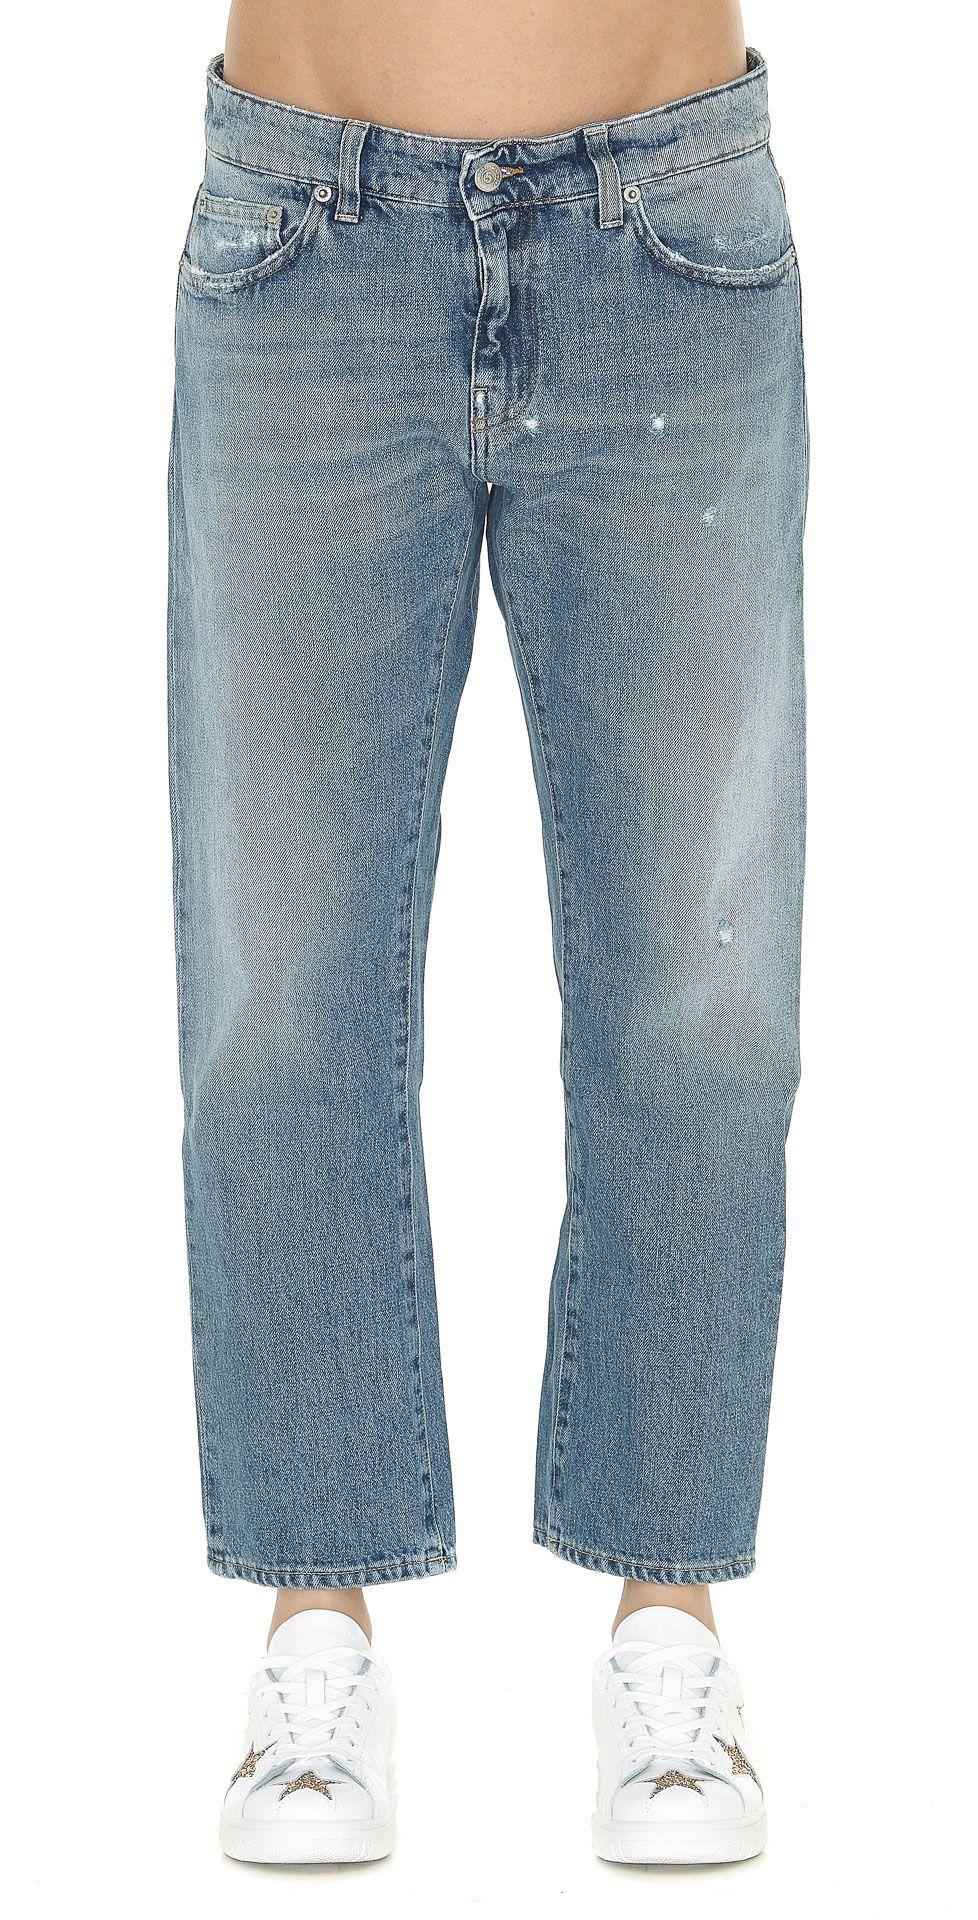 Department 5 Tama Jeans